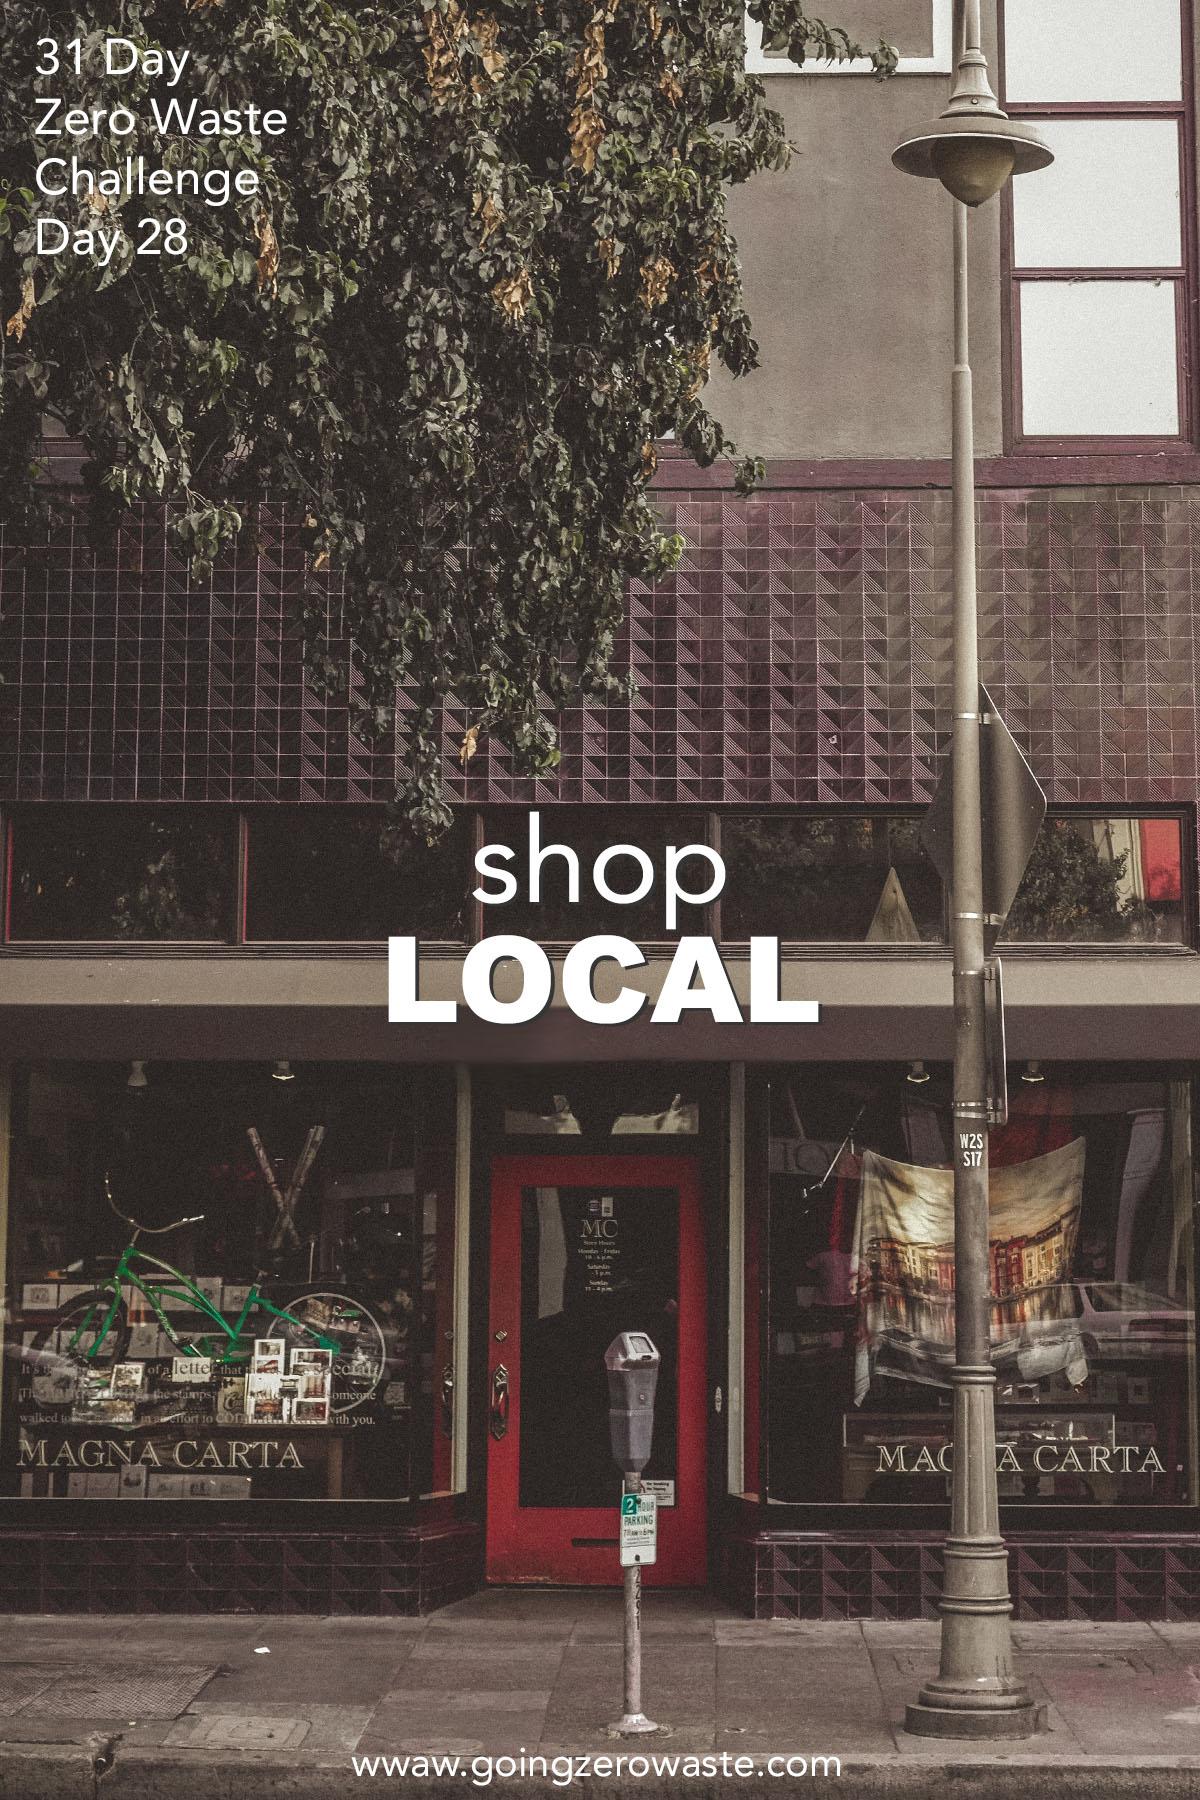 Shop Local - Day 28 of the Zero Waste Challenge from www.goingzerowaste.com #zerowaste #ecofriendly #gogreen #sustainable #zerowastechallenge #challenge #sustainablelivingchallenge #shoplocal #shopsmall #supportsmallbusinesses